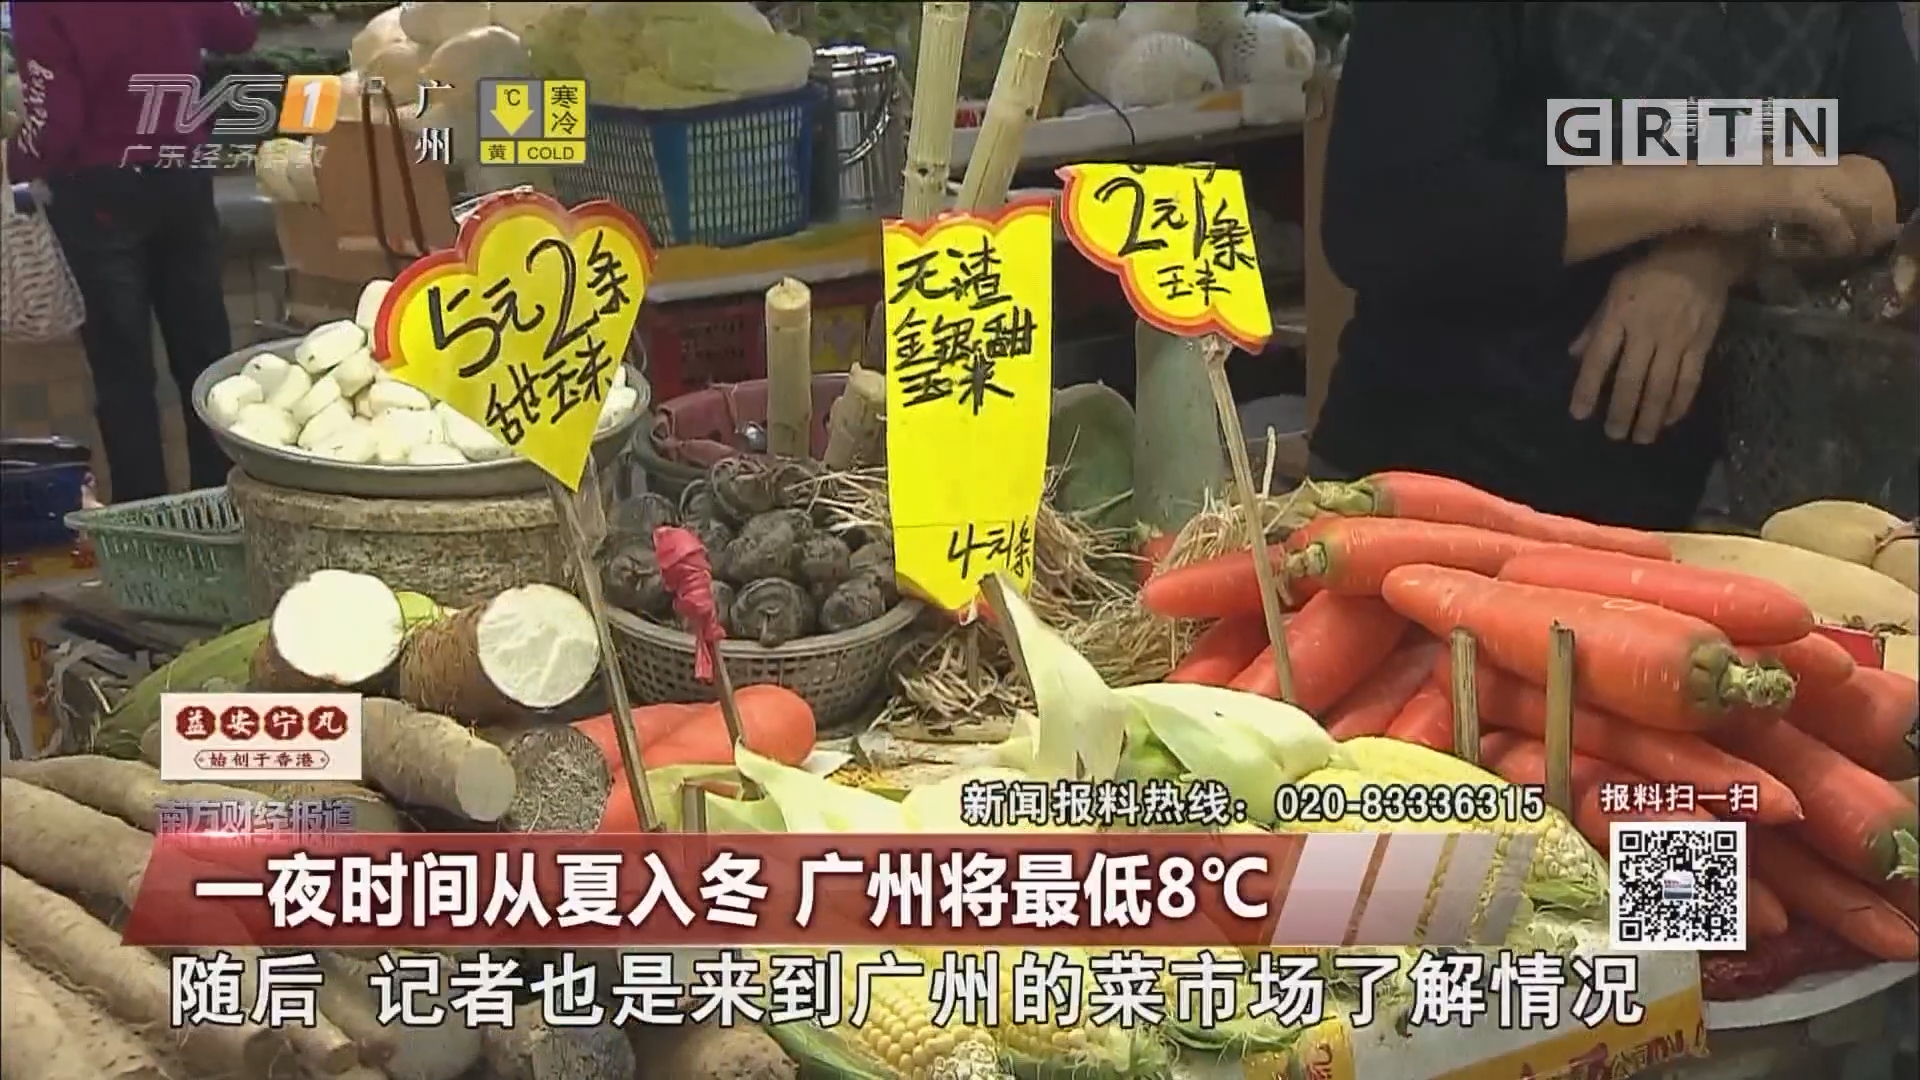 一夜时间从夏入冬 广州将最低8℃